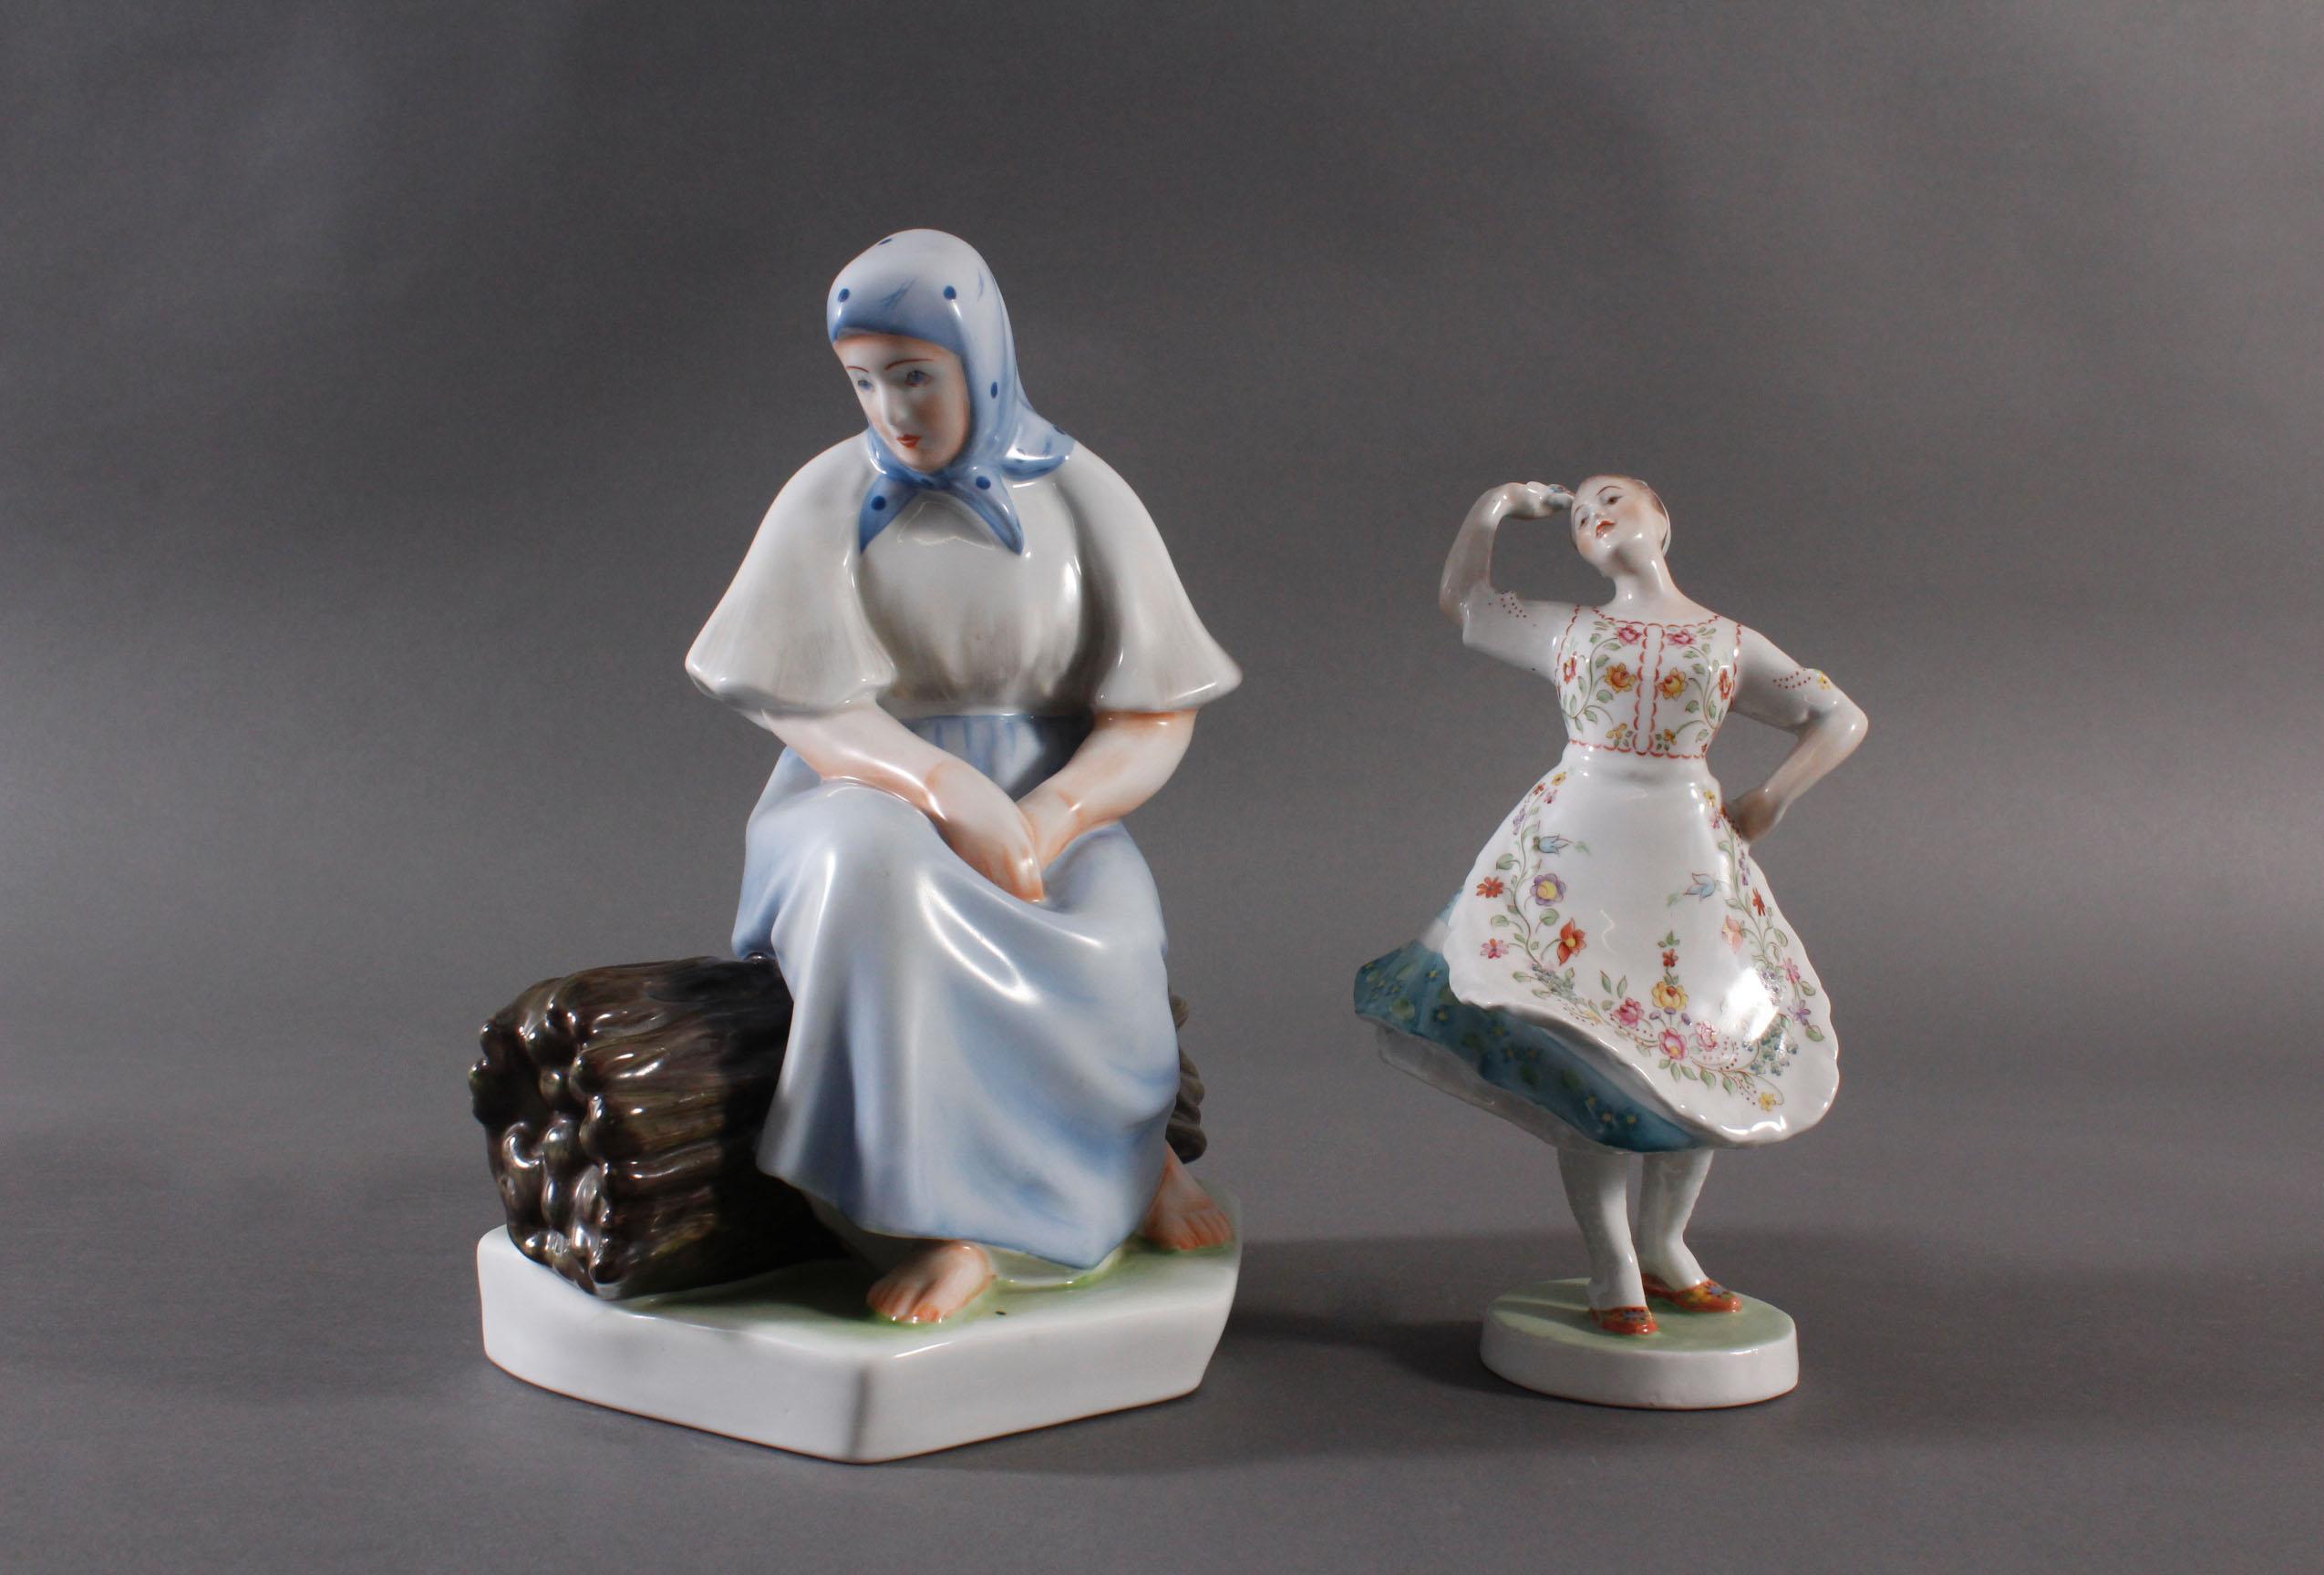 Porzellanfigur, Ungarn, 'Tänzerin in Trachten' und 'Bäuerin auf Reisigbündel sitzend'